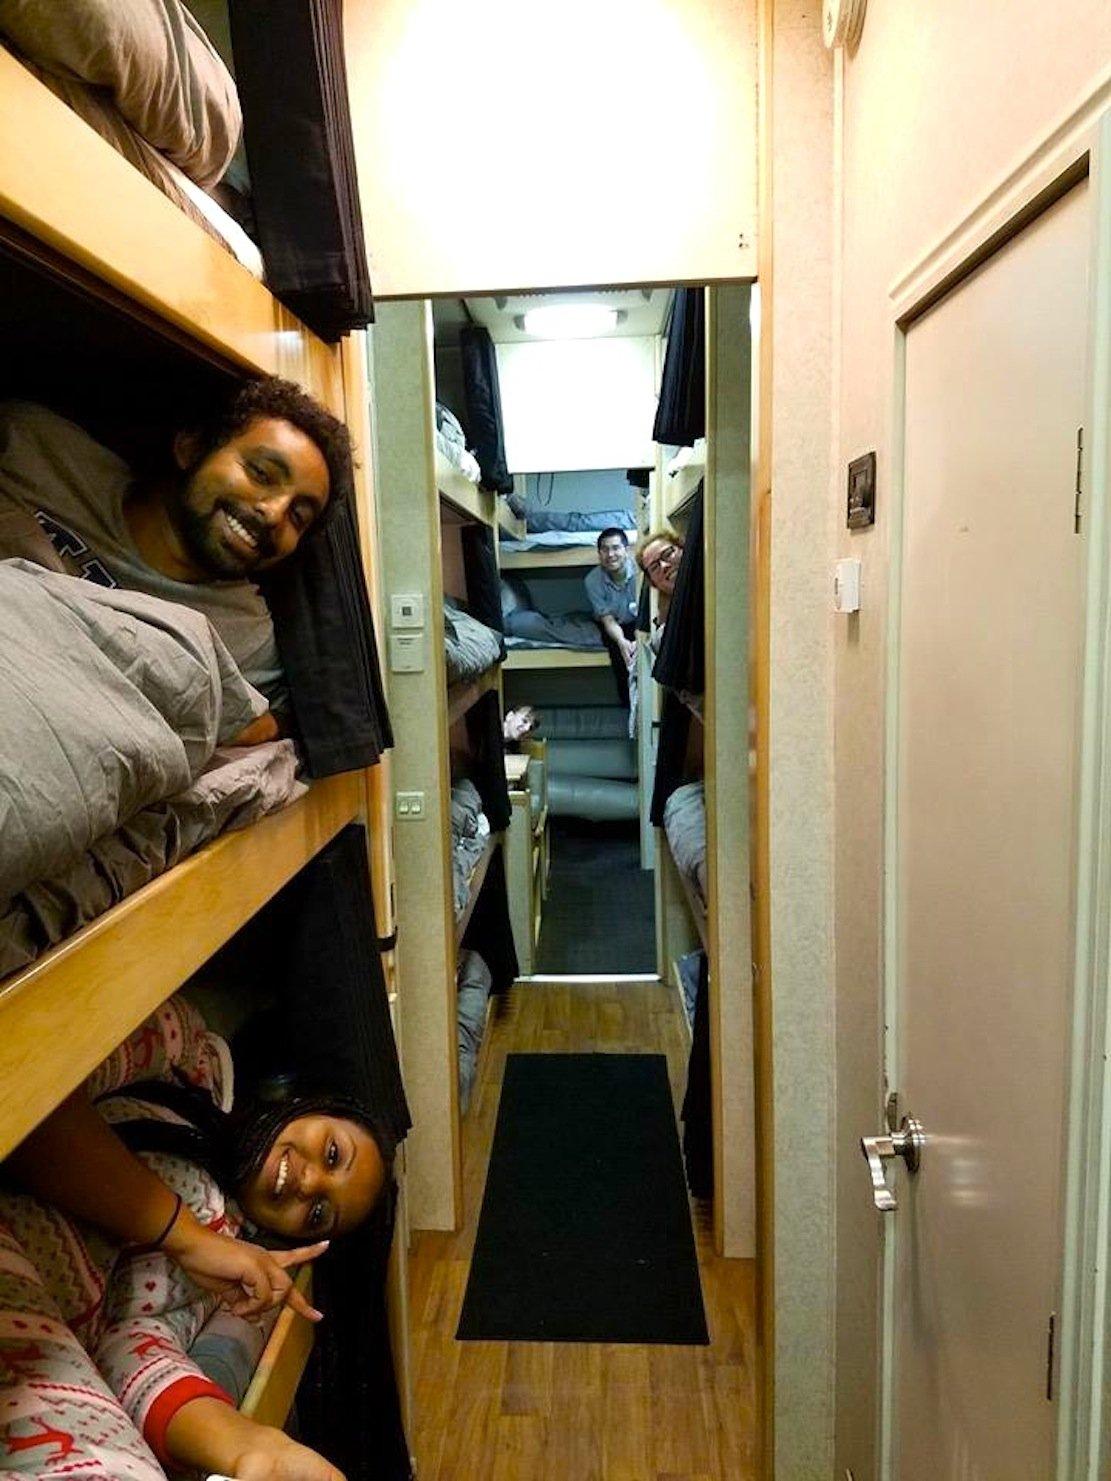 Vollbesetzte Schlafkabinen im SleepBus: Der umgebaute Truck verfügt sogar über ein Badezimmer. Obwohl der Truck schon früh morgens am Ziel eintrifft, dürfen die Fahrgäste bis 9 Uhr ausschlafen.